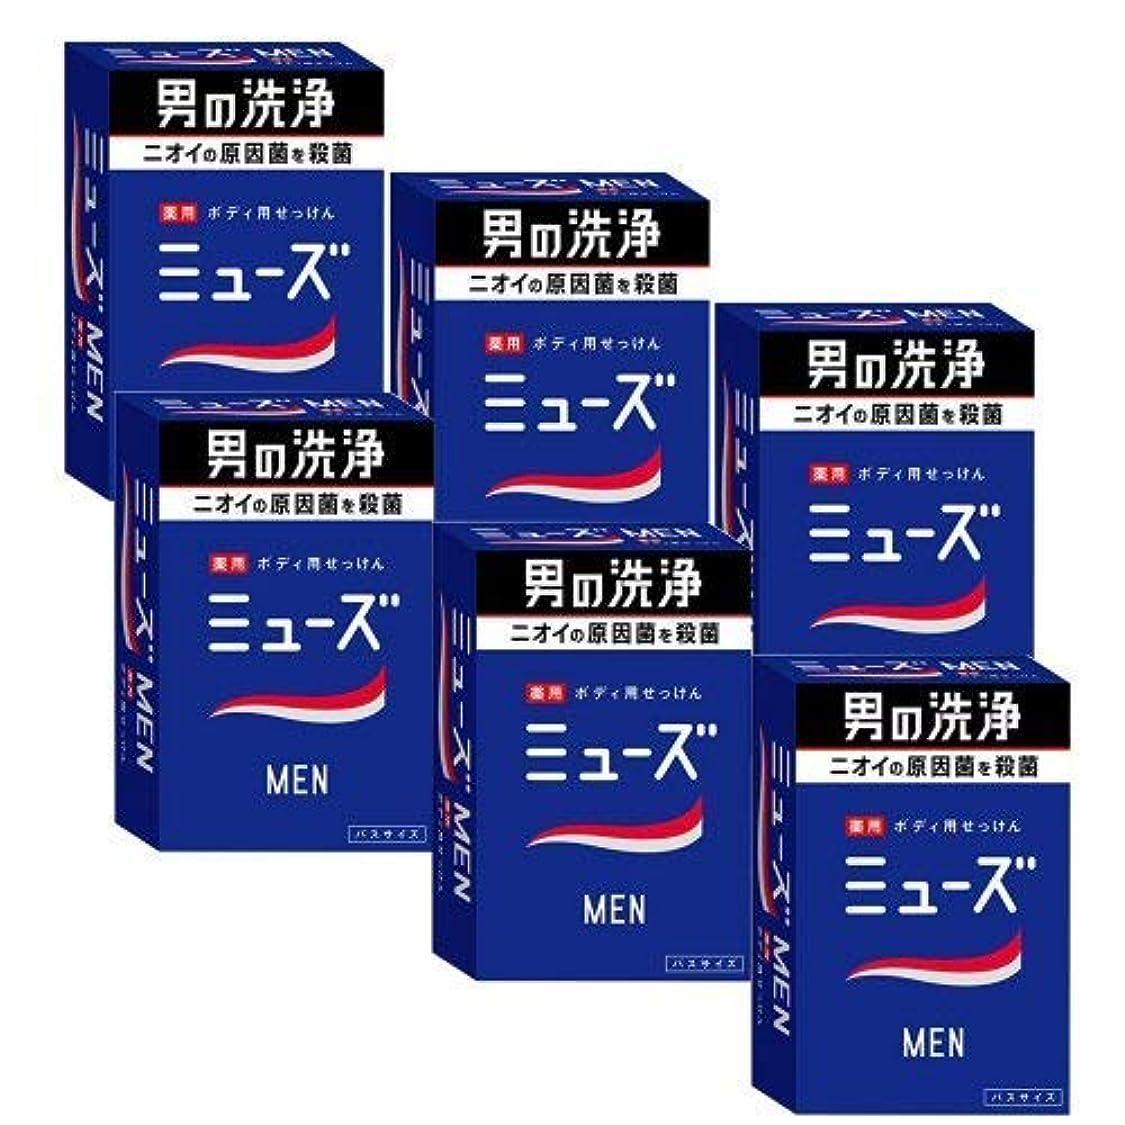 終了する収入モナリザミューズメン石鹸 × 5個セット